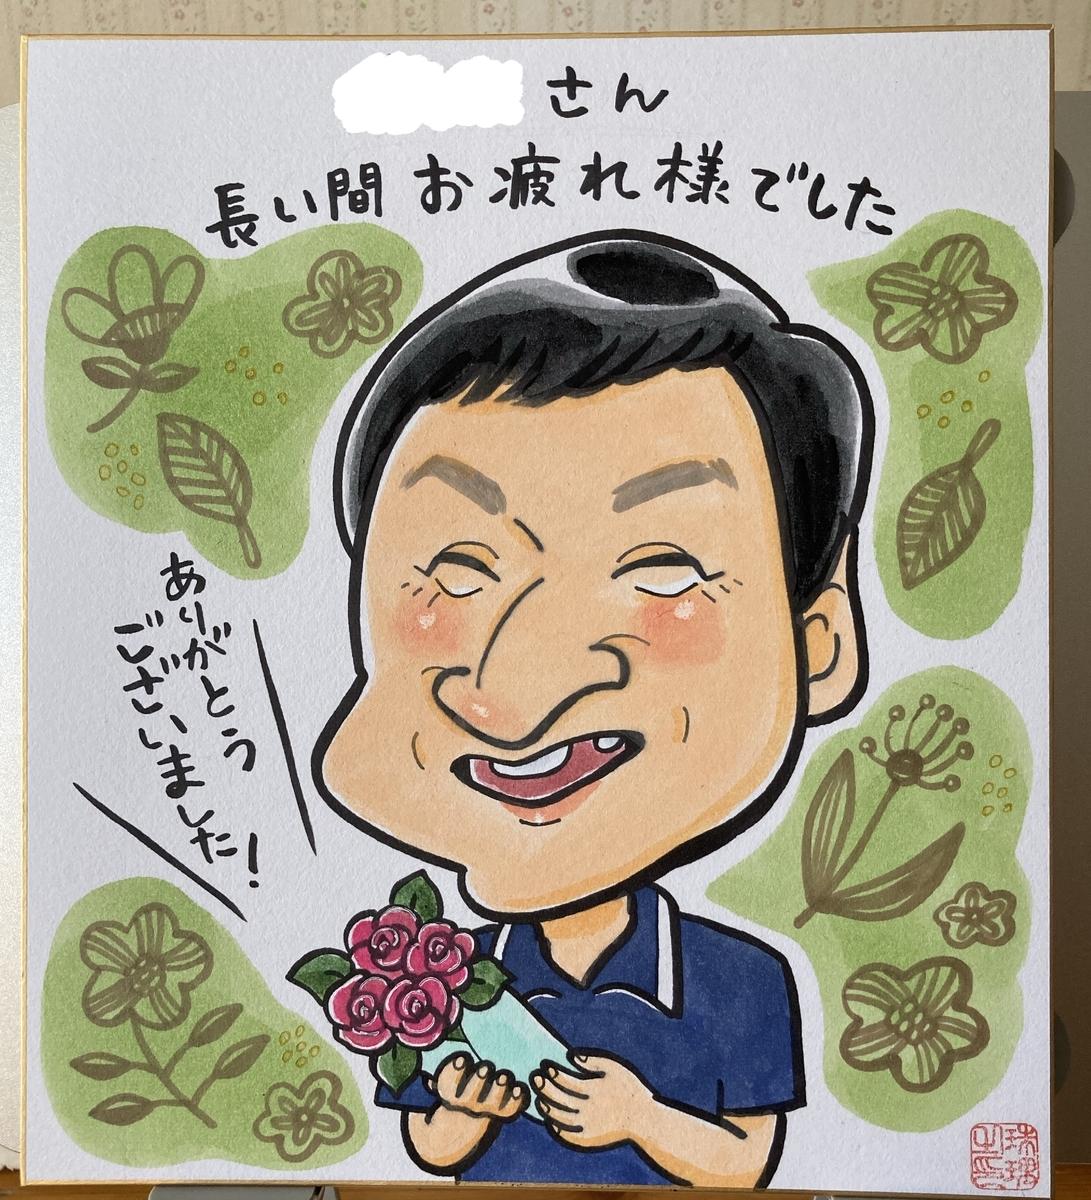 退職祝いの似顔絵 北海道札幌の似顔絵作家高井じゅり 似顔絵ファクトリー